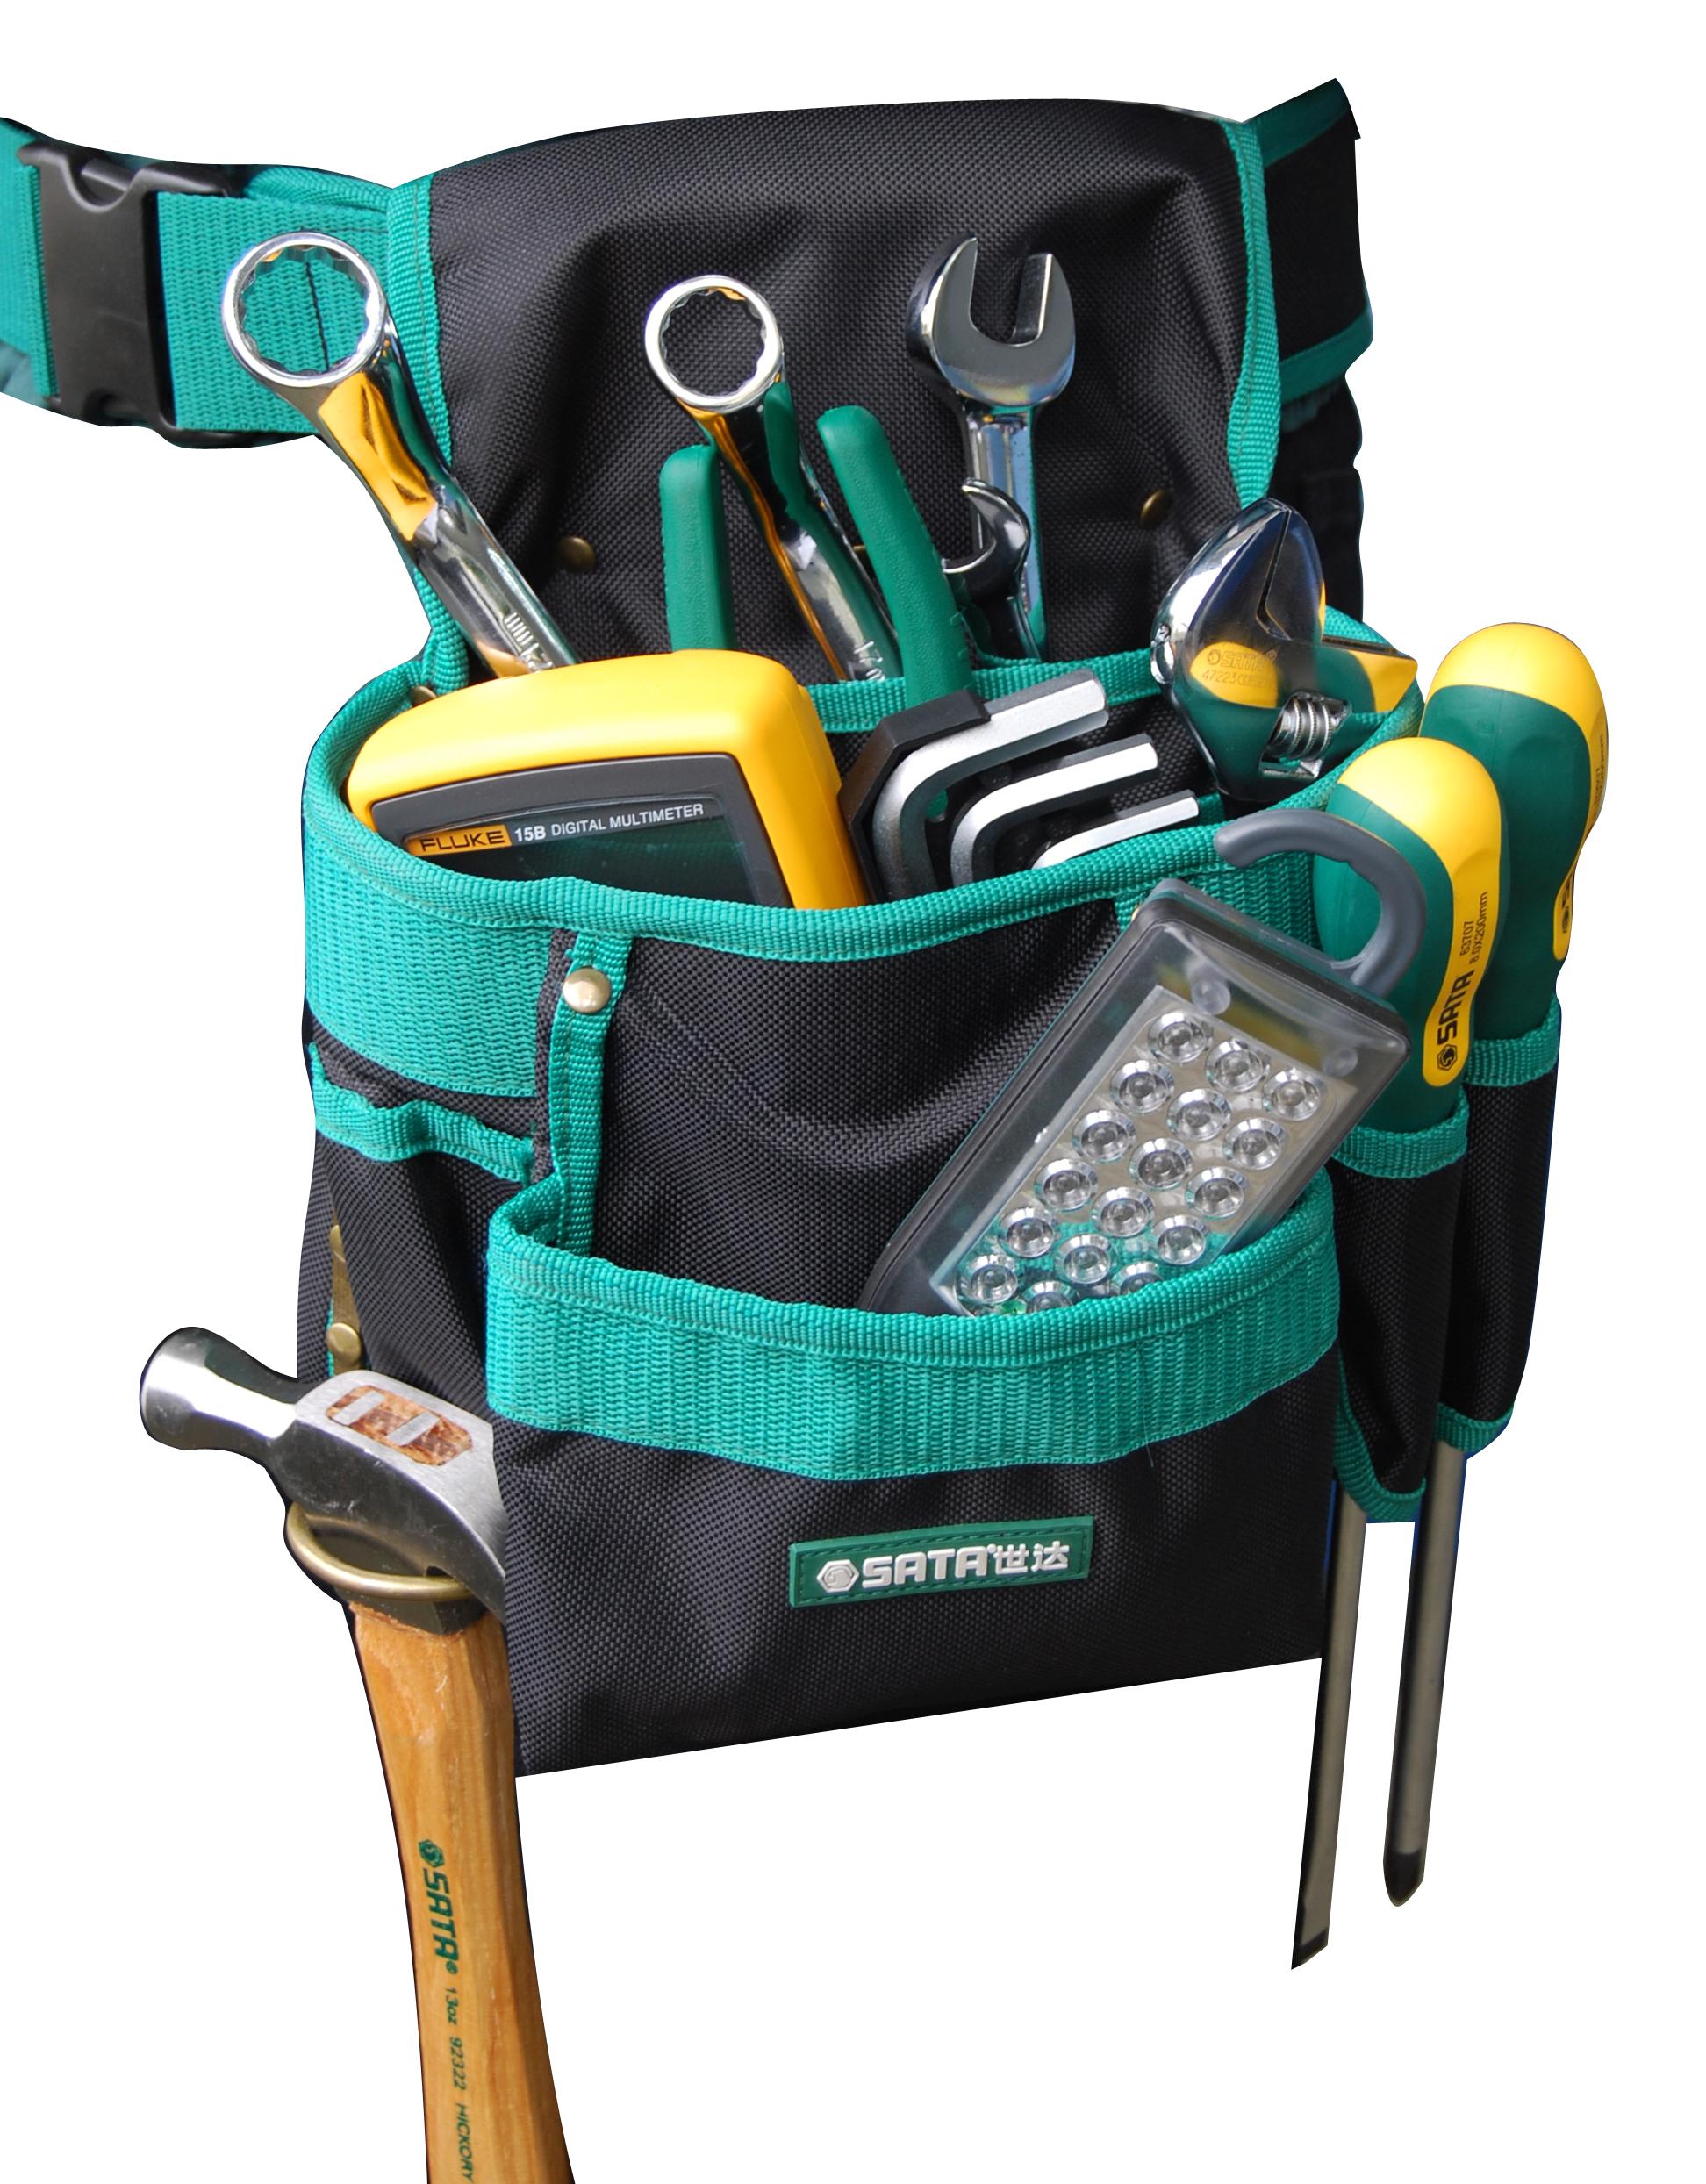 6袋式组合工具腰包